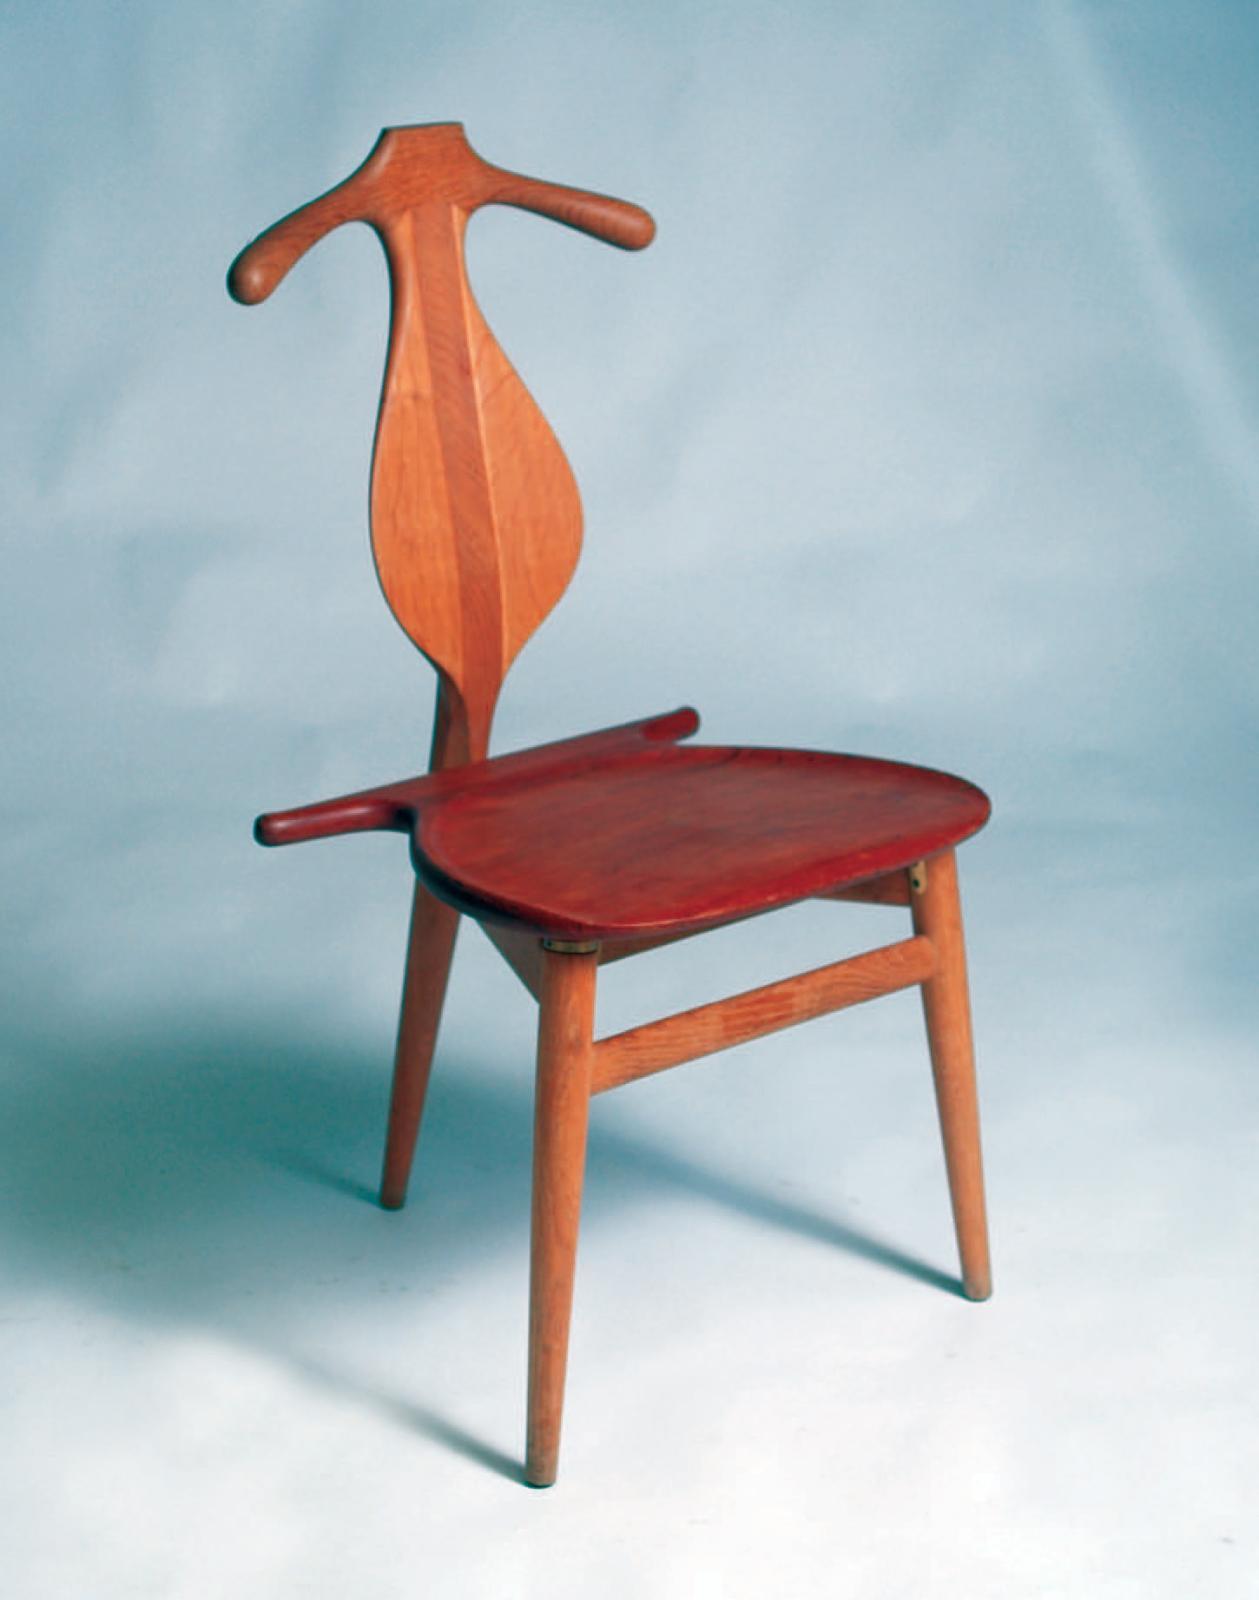 Hans Wegner, chaise Valet, modèle no 250, teck, le dossier et l'assise à abattant formant valet de nuit, exécutée par Johannes Hansen, 1953.Paris, Dro